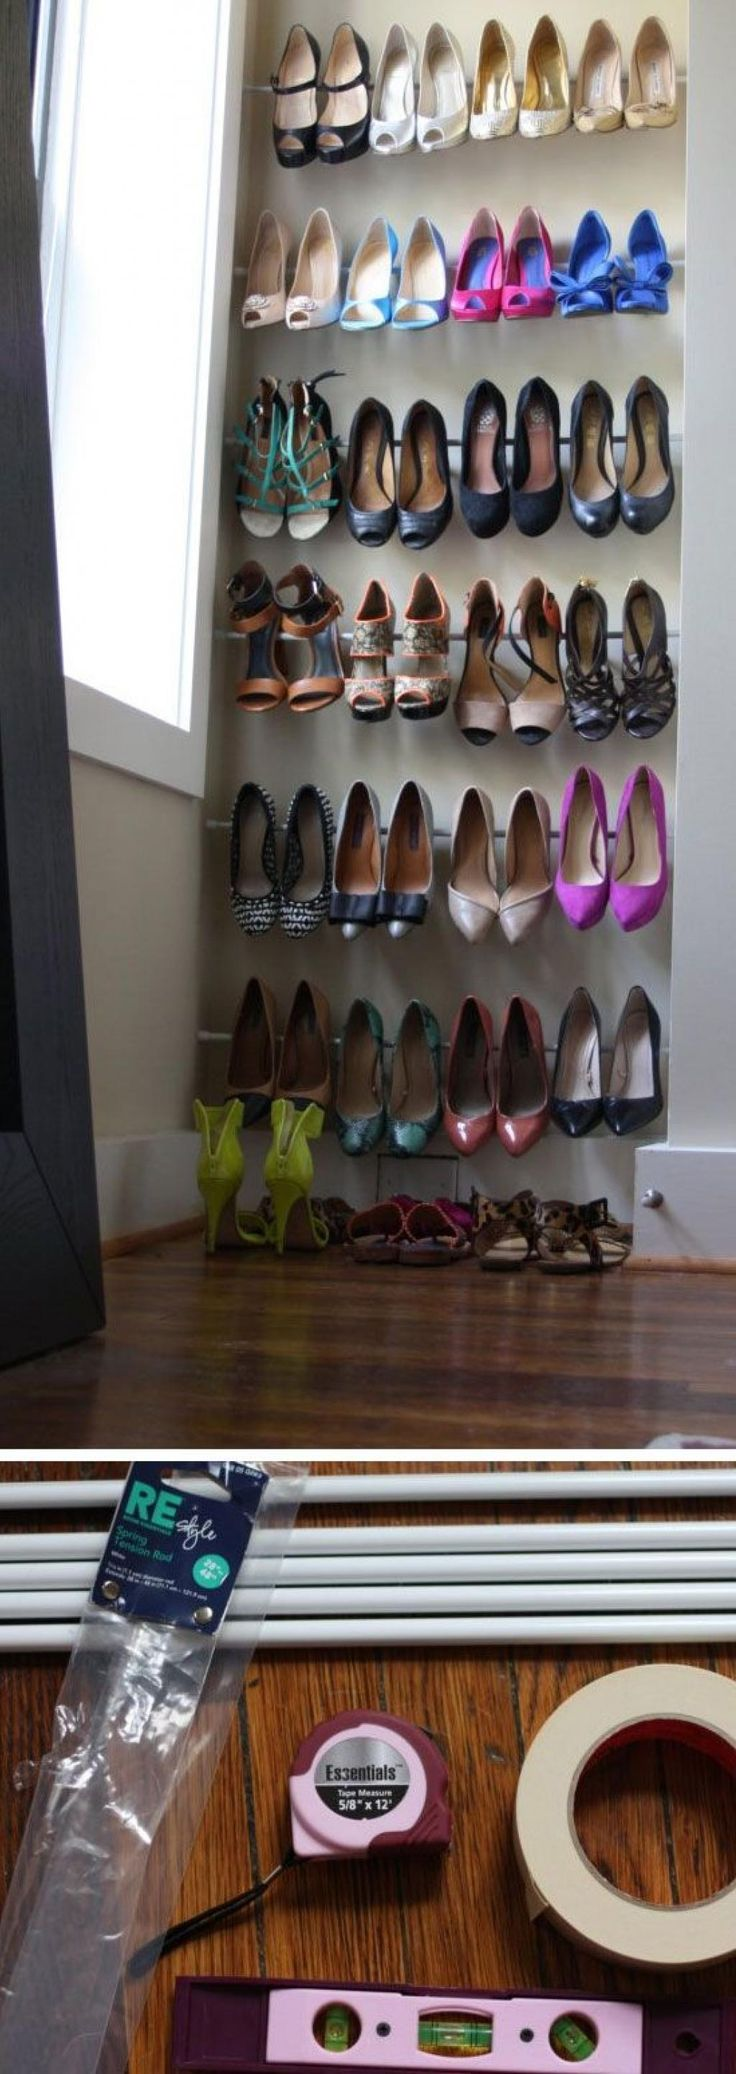 les 10 meilleures images du tableau espace chaussures sur pinterest